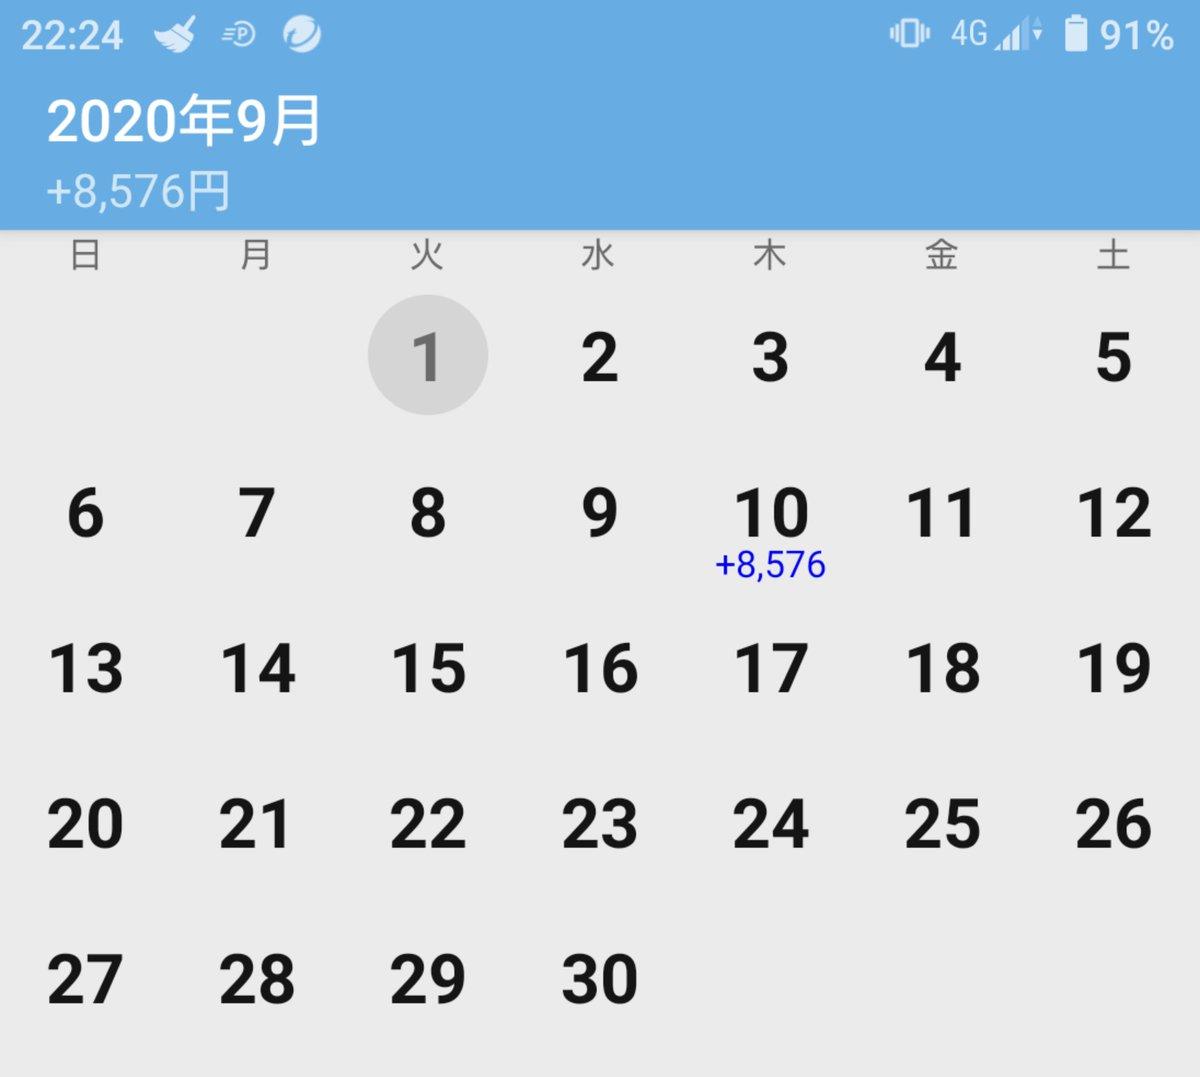 9月 10月 総合収支※皆さんご存知、パチンコ、パチスロは仮想通貨 円(まどか)を使用する遊技です1.2枚目 エナ3枚目 ディスクアップ-40210円(まどか)\(^o^)/ナンテコッタ!サボりすぎぃ!私はゴミです🙇♂果たして11月はまともに稼働するのでしょうか?それは私にも分からない←おい